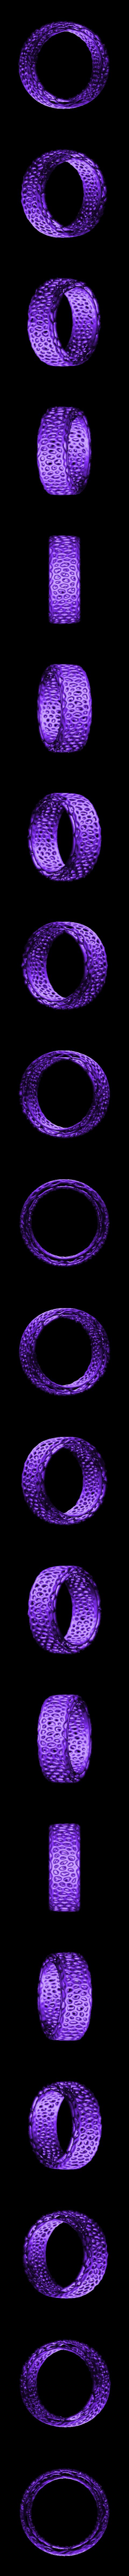 bracelet voro small.stl Download free STL file Bracelet Voro • 3D printer object, SamVoro